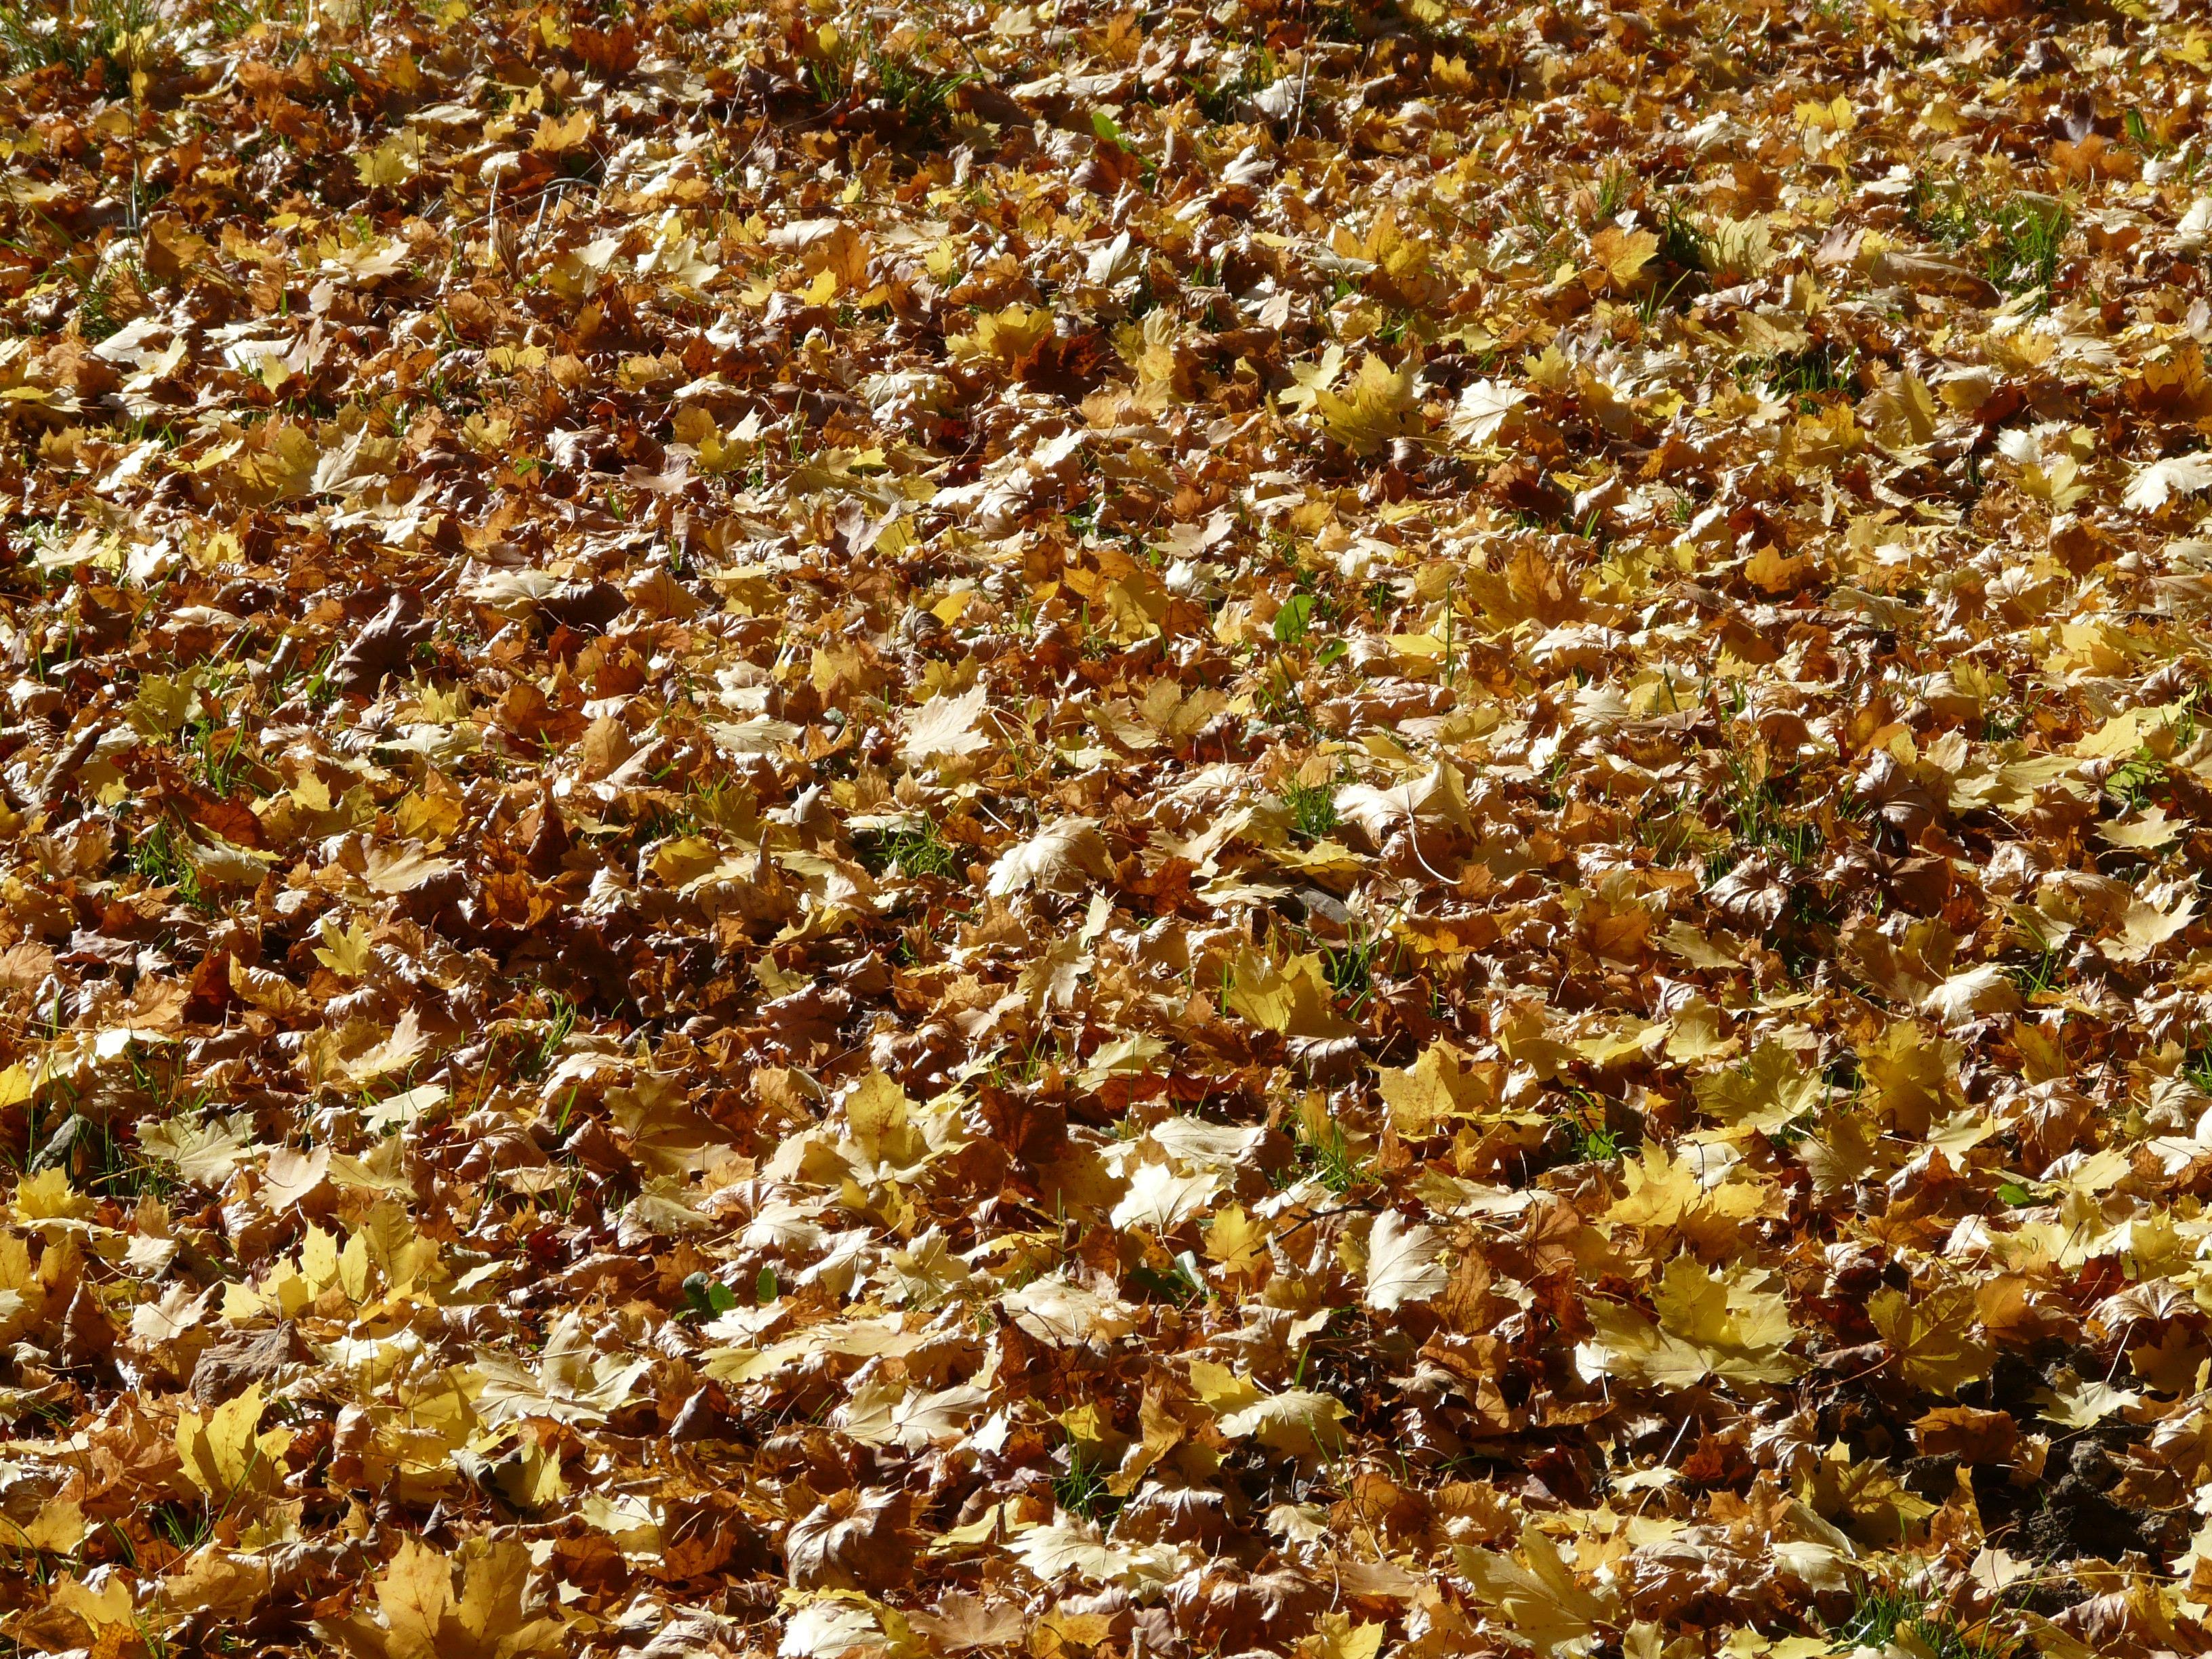 무료 이미지 : 식물, 햇빛, 조직, 꽃, 무늬, 수확고, 흙, 시즌 ...